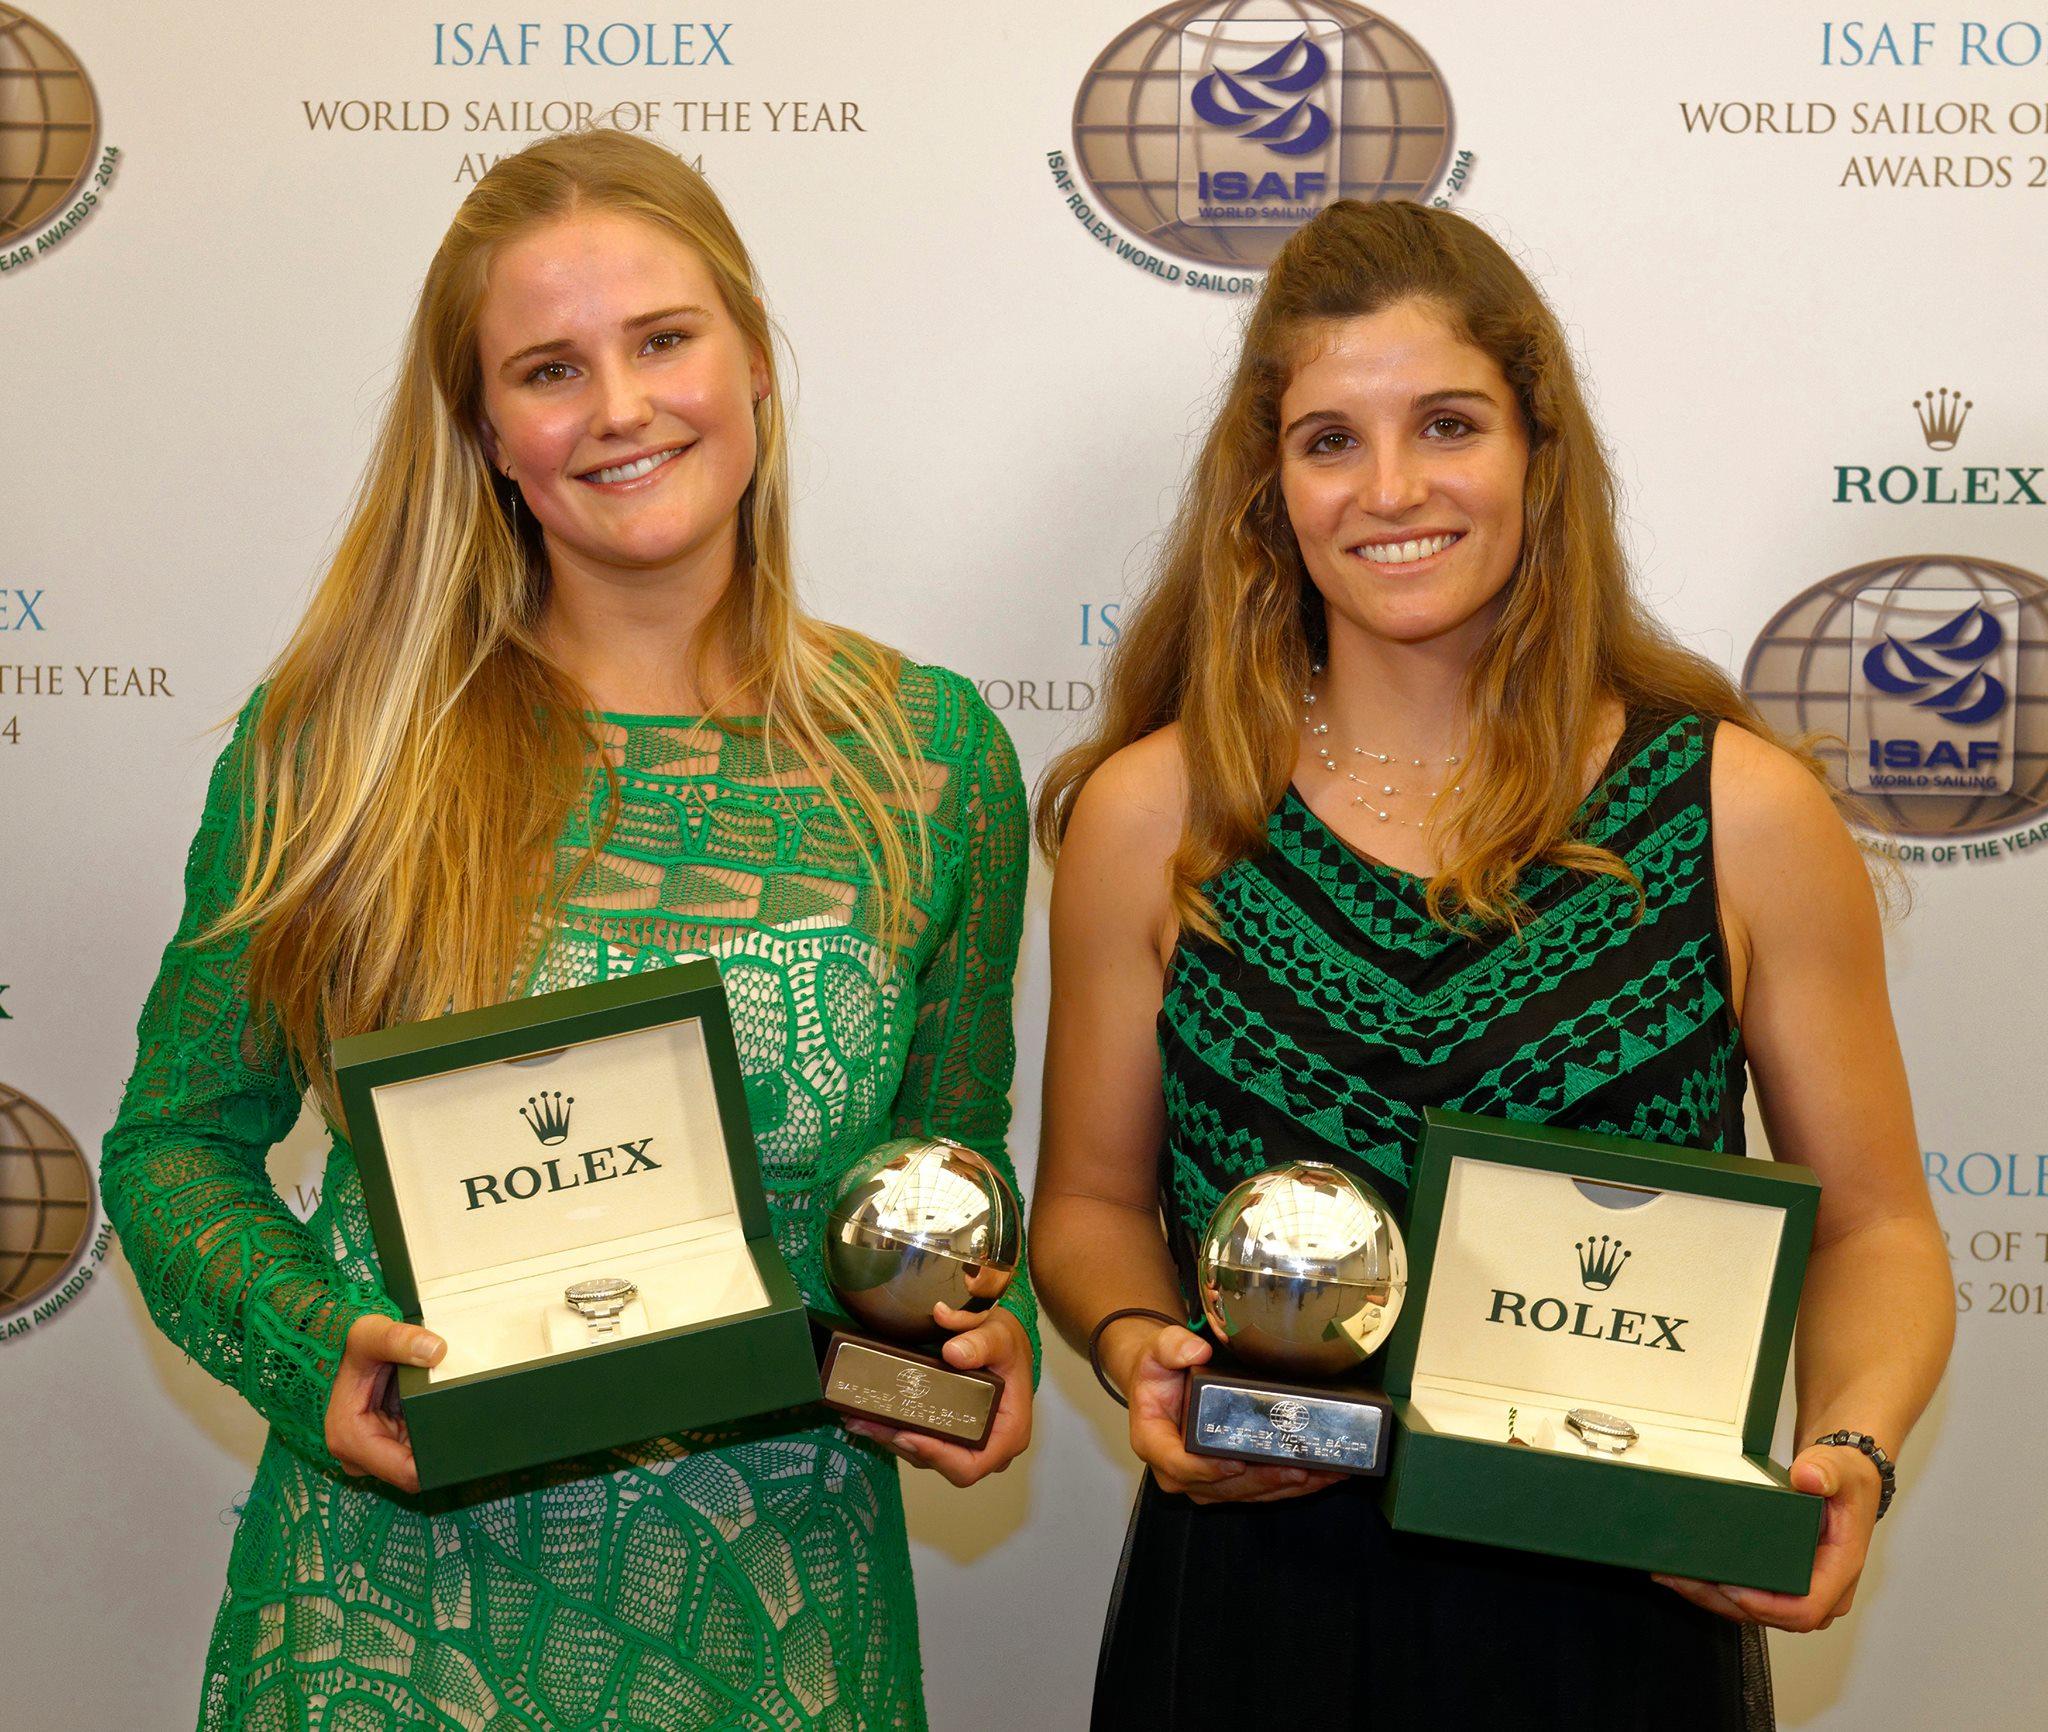 Kahena Kunze e Martine Grael seguram troféu de melhor do mundo